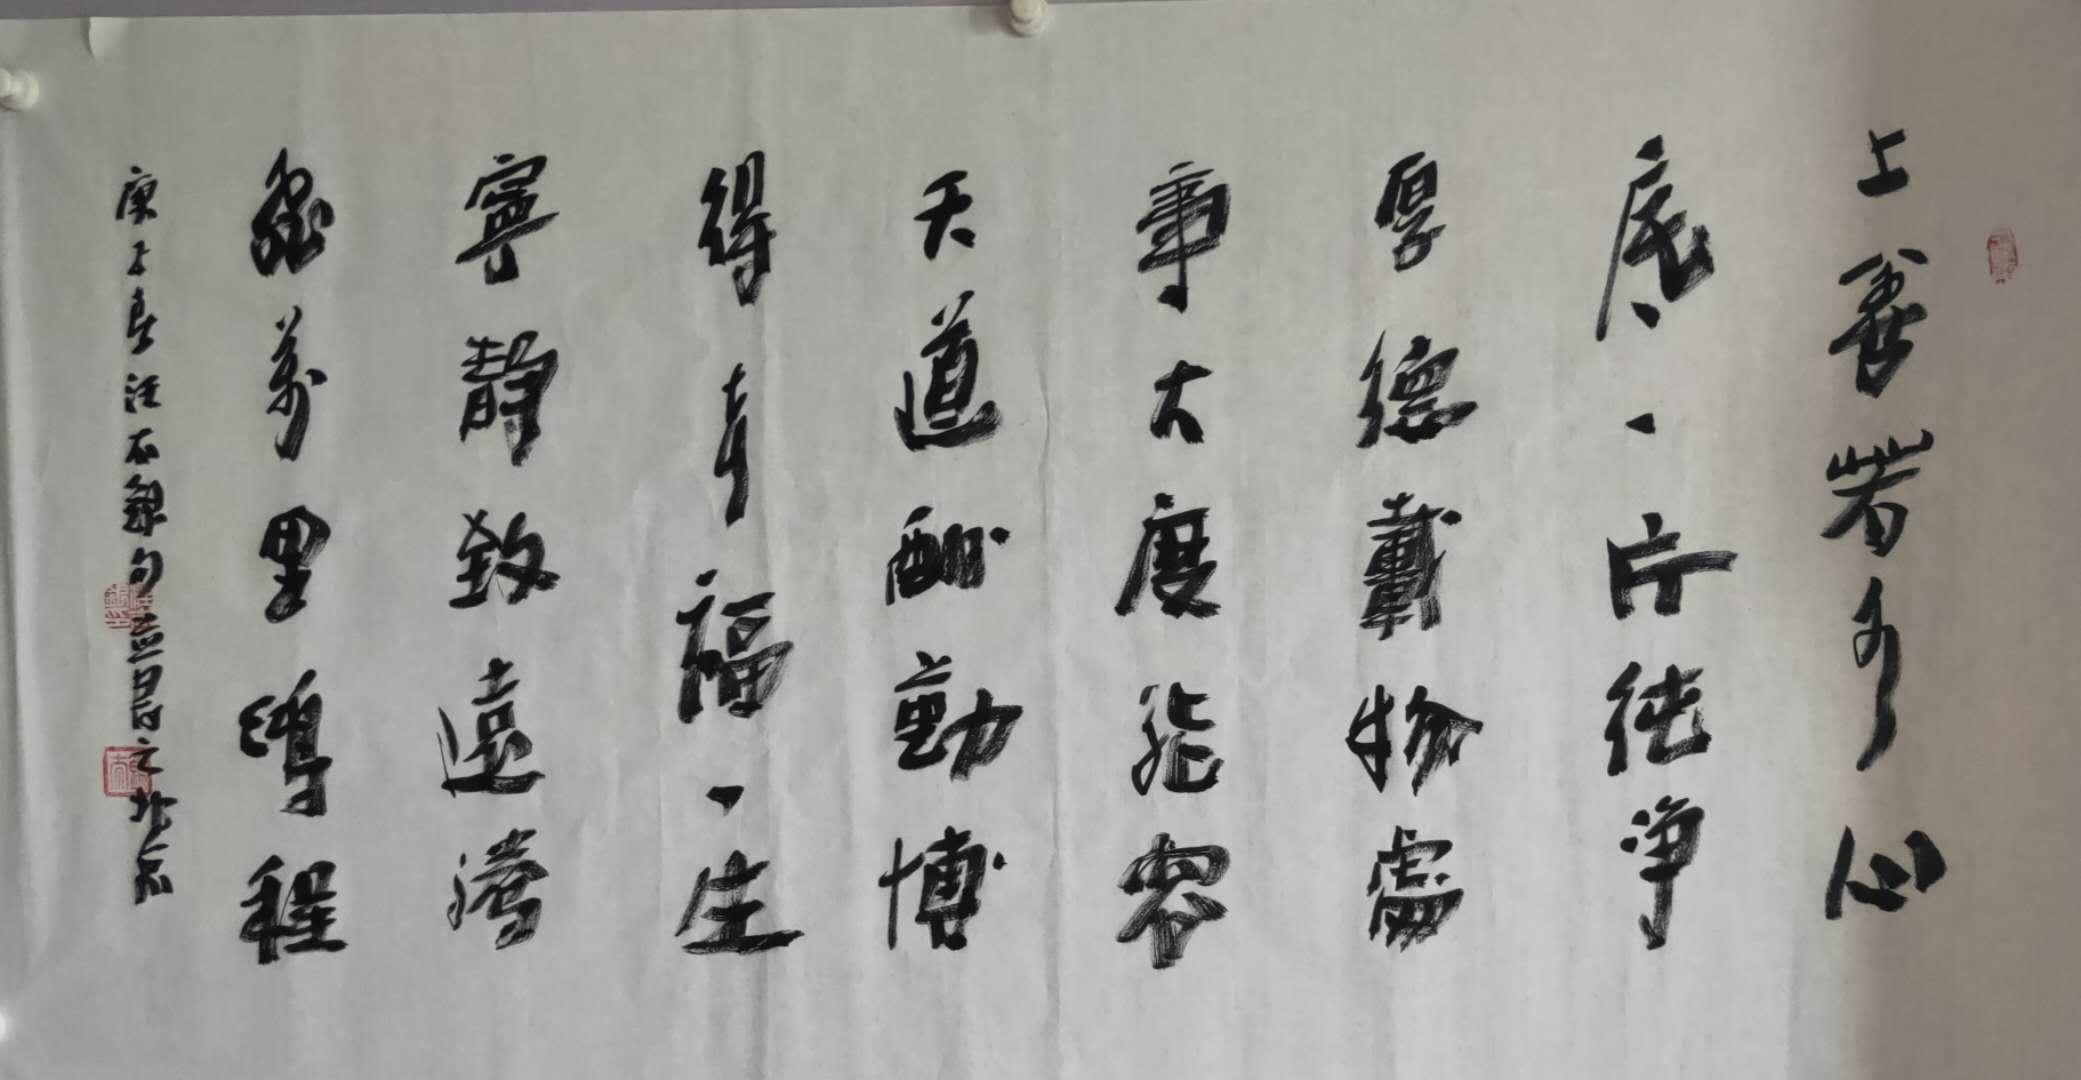 书法评论家汪太银:书法家应为大众多创作